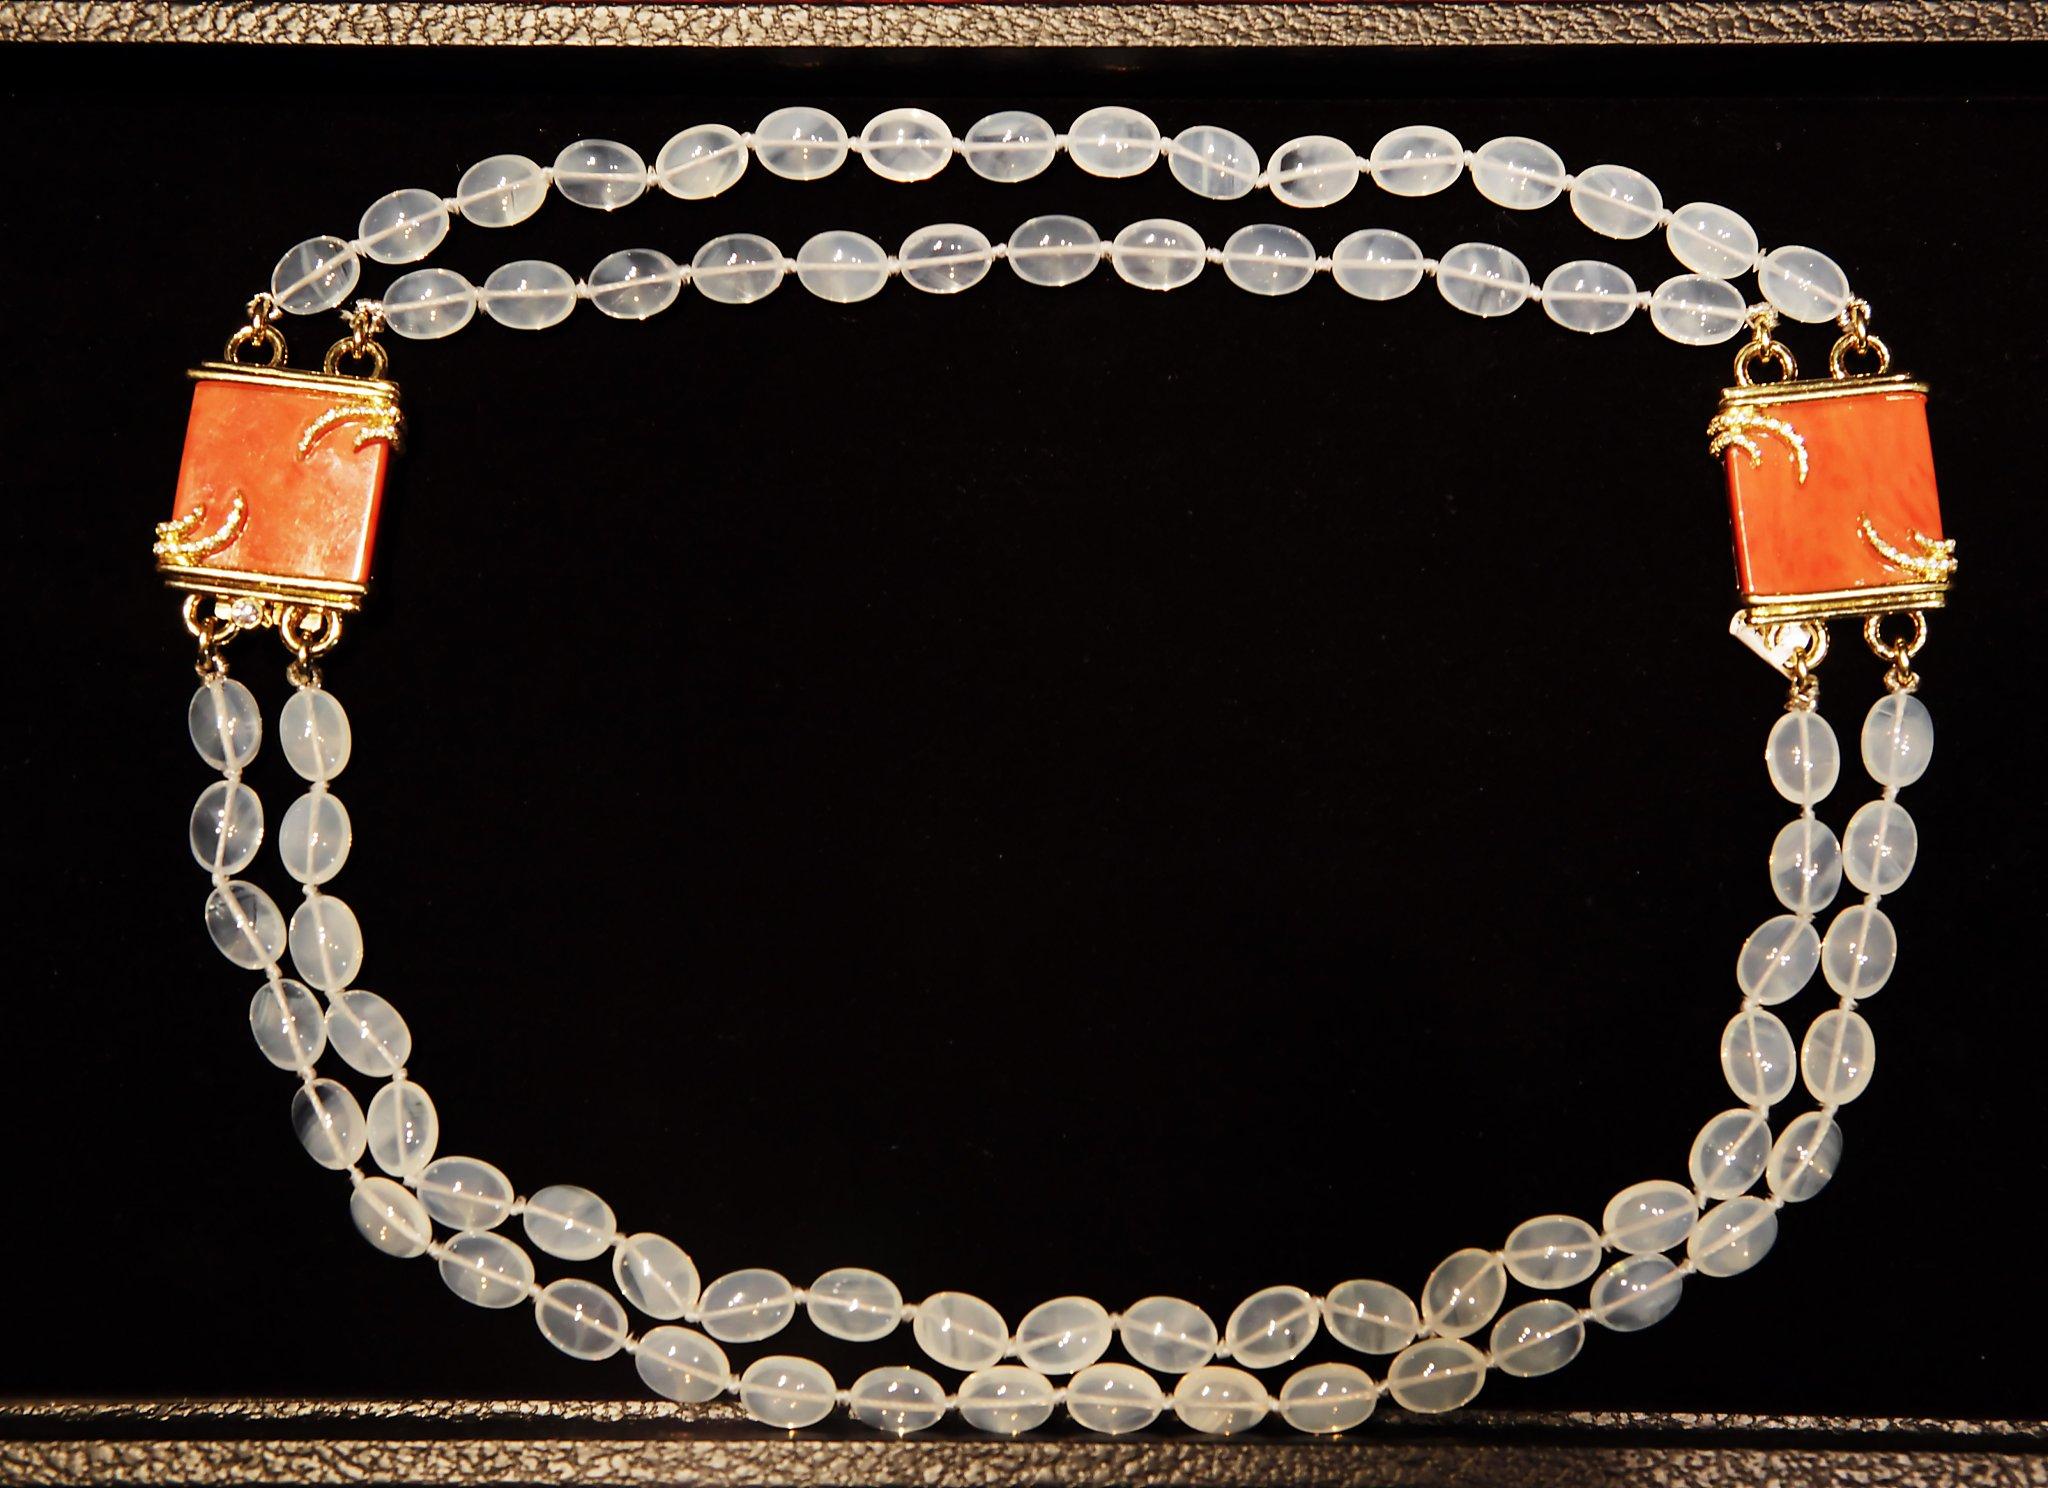 Famed S.F. jeweler Shreve & Co. must move from namesake building - SFGate